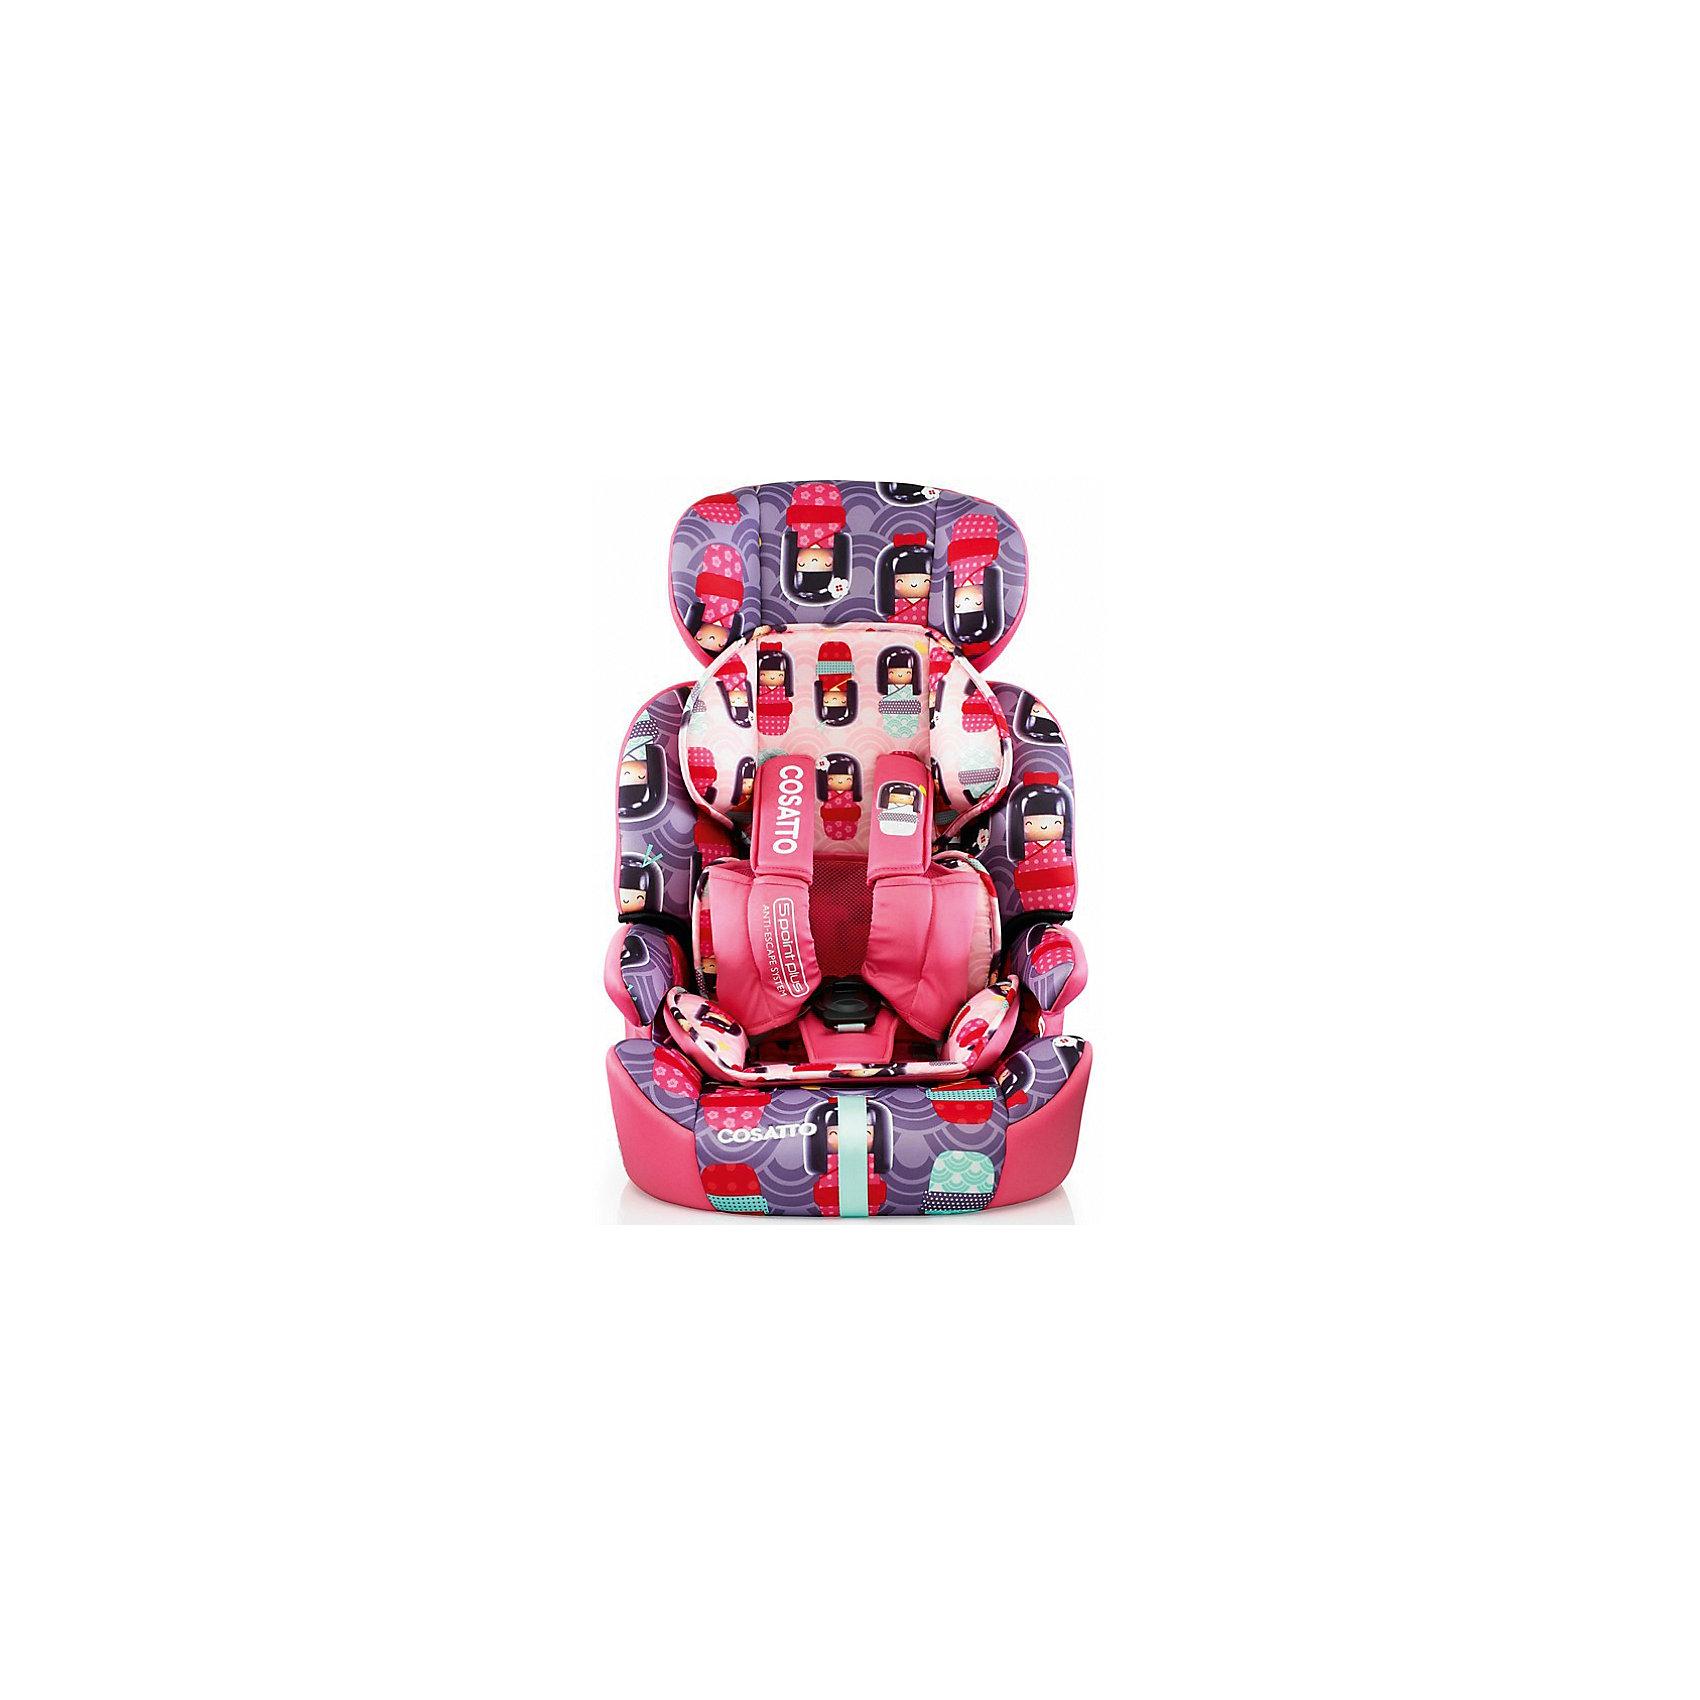 Автокресло Cosatto Zoomi, 9-36 кг, Kokeshi SmileГруппа 1-2-3 (От 9 до 36 кг)<br>Характеристики автокресла Zoomi Cosatto:<br><br>• группа 1-2-3;<br>• вес ребенка: 9-36 кг;<br>• возраст ребенка: от 9 месяцев до 12 лет;<br>• способ крепления: с помощью штатных ремней безопасности;<br>• способ установки: лицом по ходу движения автомобиля;<br>• возможность получить бустер с подлокотниками: спинка съемная;<br>• жесткий каркас сиденья обтянут мягкими чехлами;<br>• 5-ти точечные ремни безопасности с мягкими накладками;<br>• регулируемая высота подголовника: 3 положения;<br>• имеется анатомический двусторонний матрасик для маленького ребенка;<br>• съемные чехлы можно стирать при температуре 30 градусов;<br>• материал: пластик, полиэстер.<br><br>Размер автокресла: 70х46х44 см<br>Вес автокресла: 5,3 кг<br>Размер упаковки: 72х45х31 см<br>Вес в упаковке: 7,5 кг<br><br>Автокресло ZOOMI 9-36 кг., COSATTO, Kokeshi Smile можно купить в нашем интернет-магазине.<br><br>Ширина мм: 710<br>Глубина мм: 450<br>Высота мм: 300<br>Вес г: 7000<br>Возраст от месяцев: 9<br>Возраст до месяцев: 144<br>Пол: Женский<br>Возраст: Детский<br>SKU: 5296434